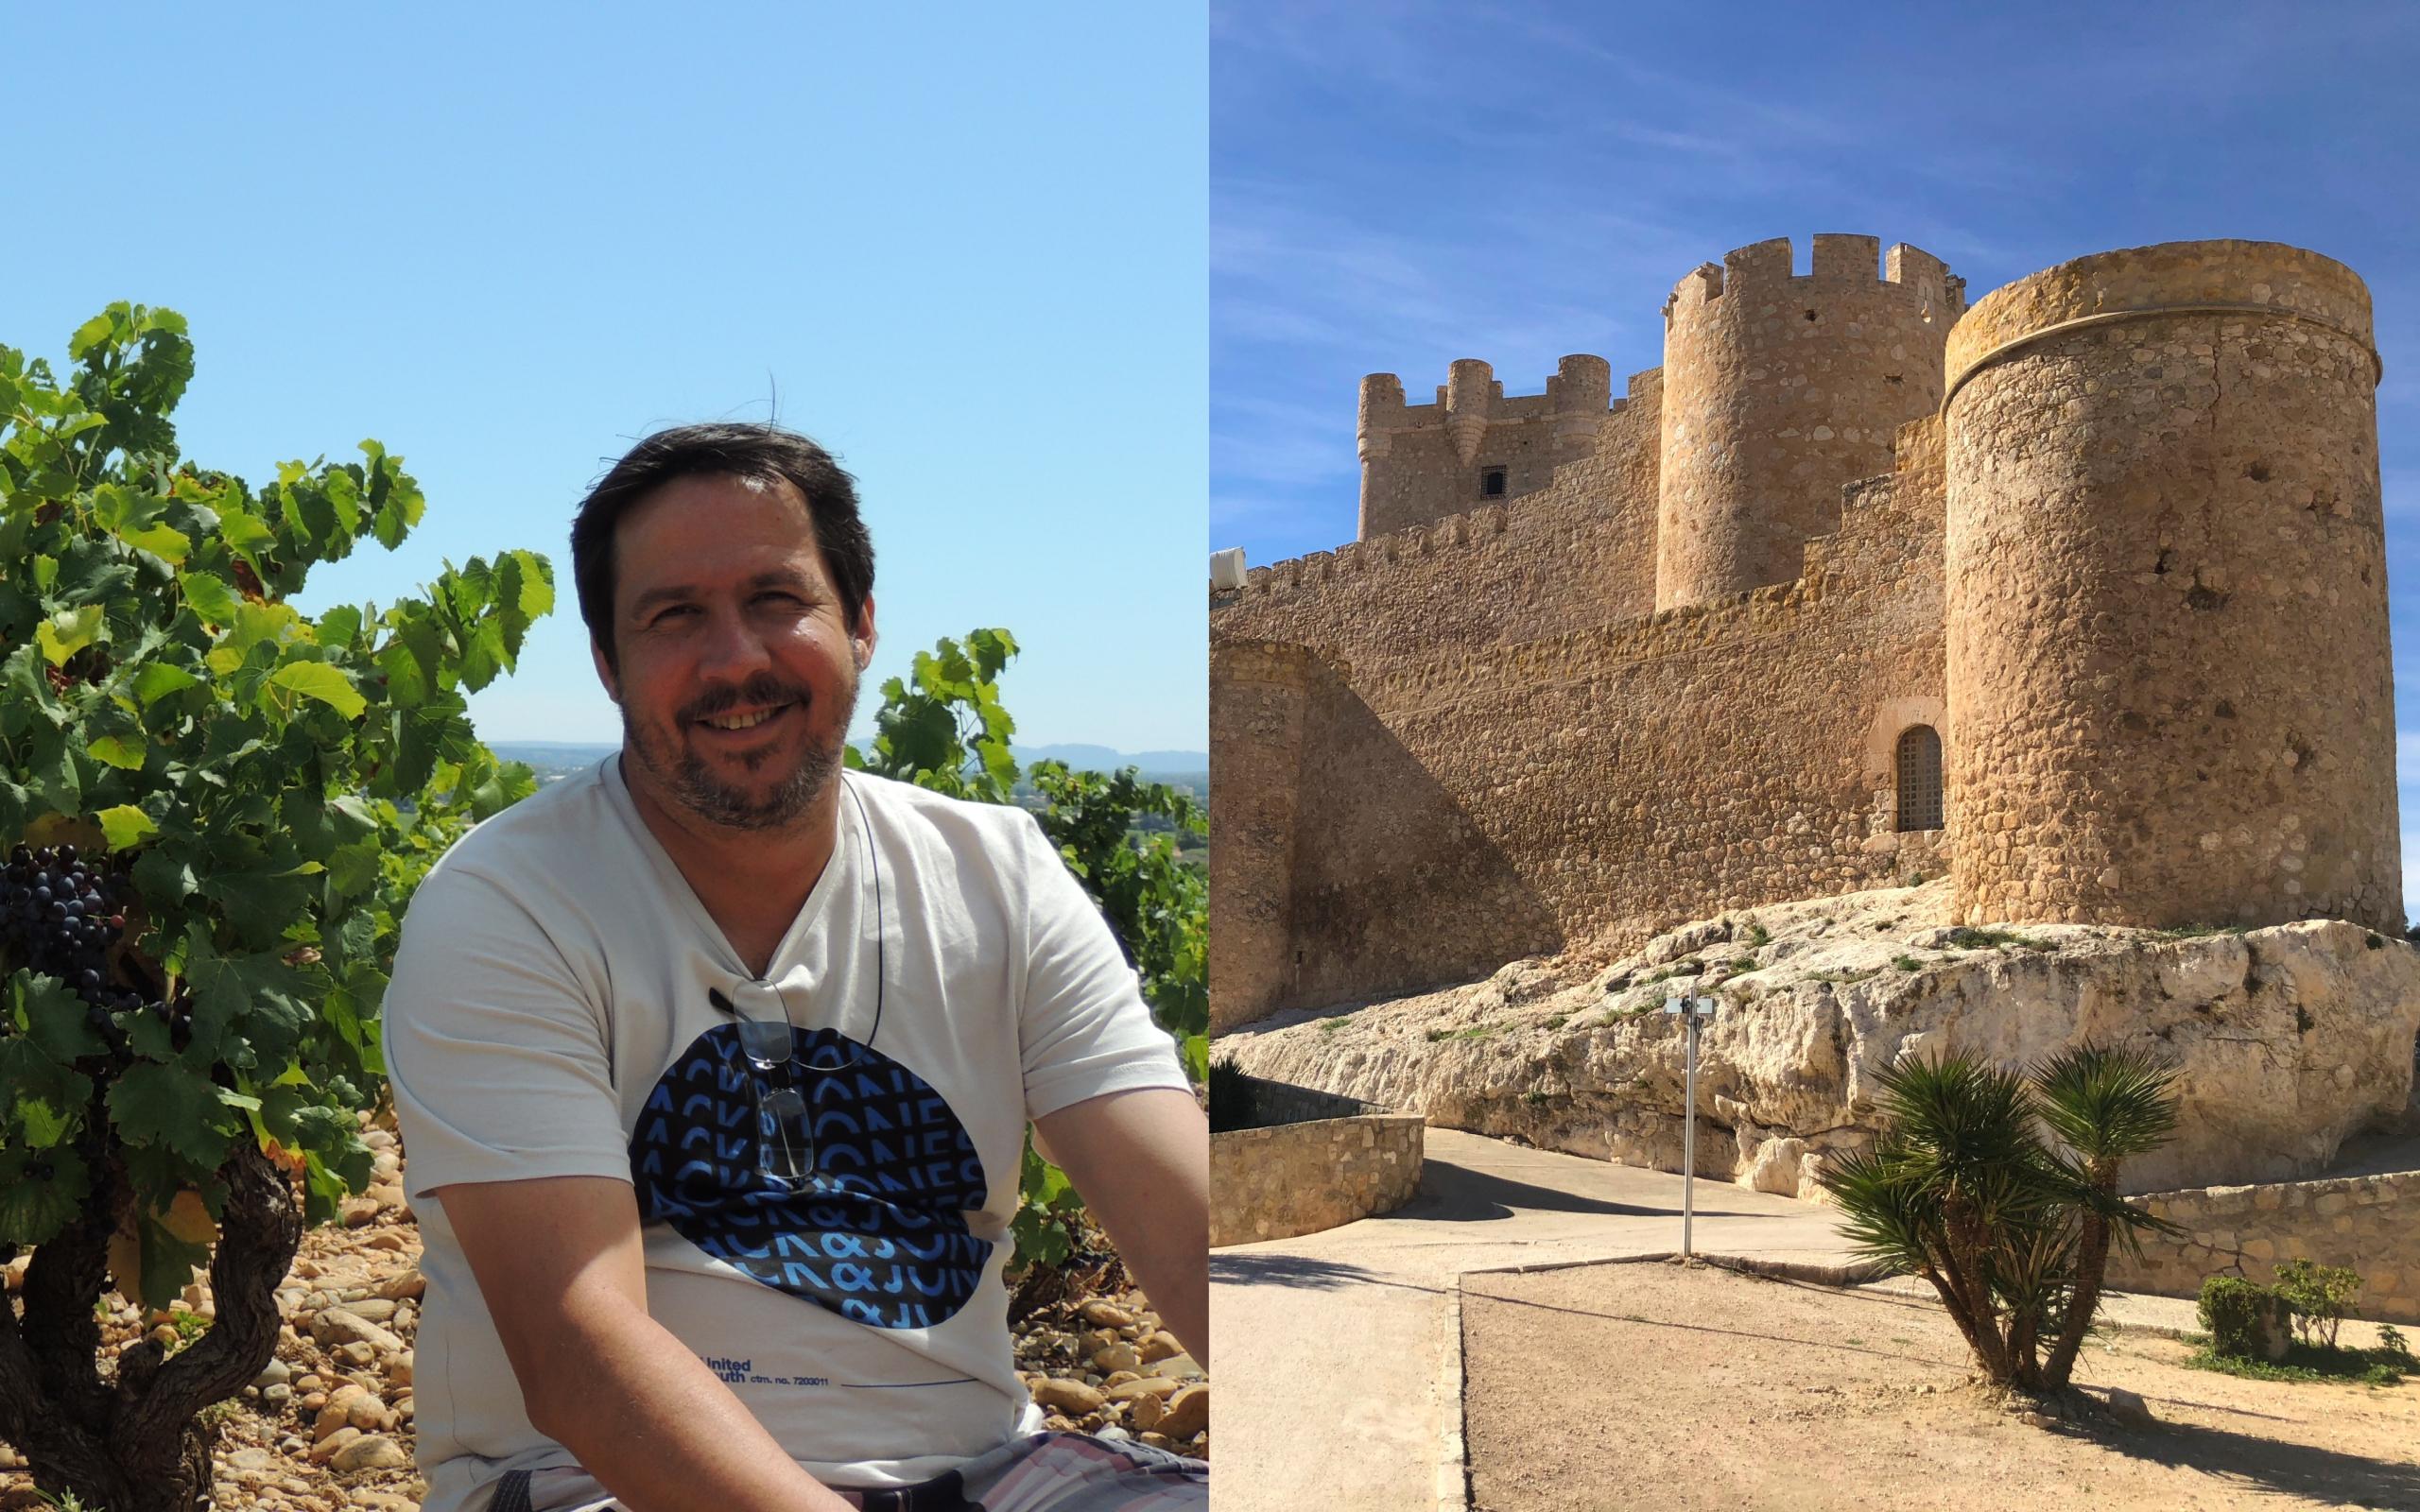 Jluis e o Castelo